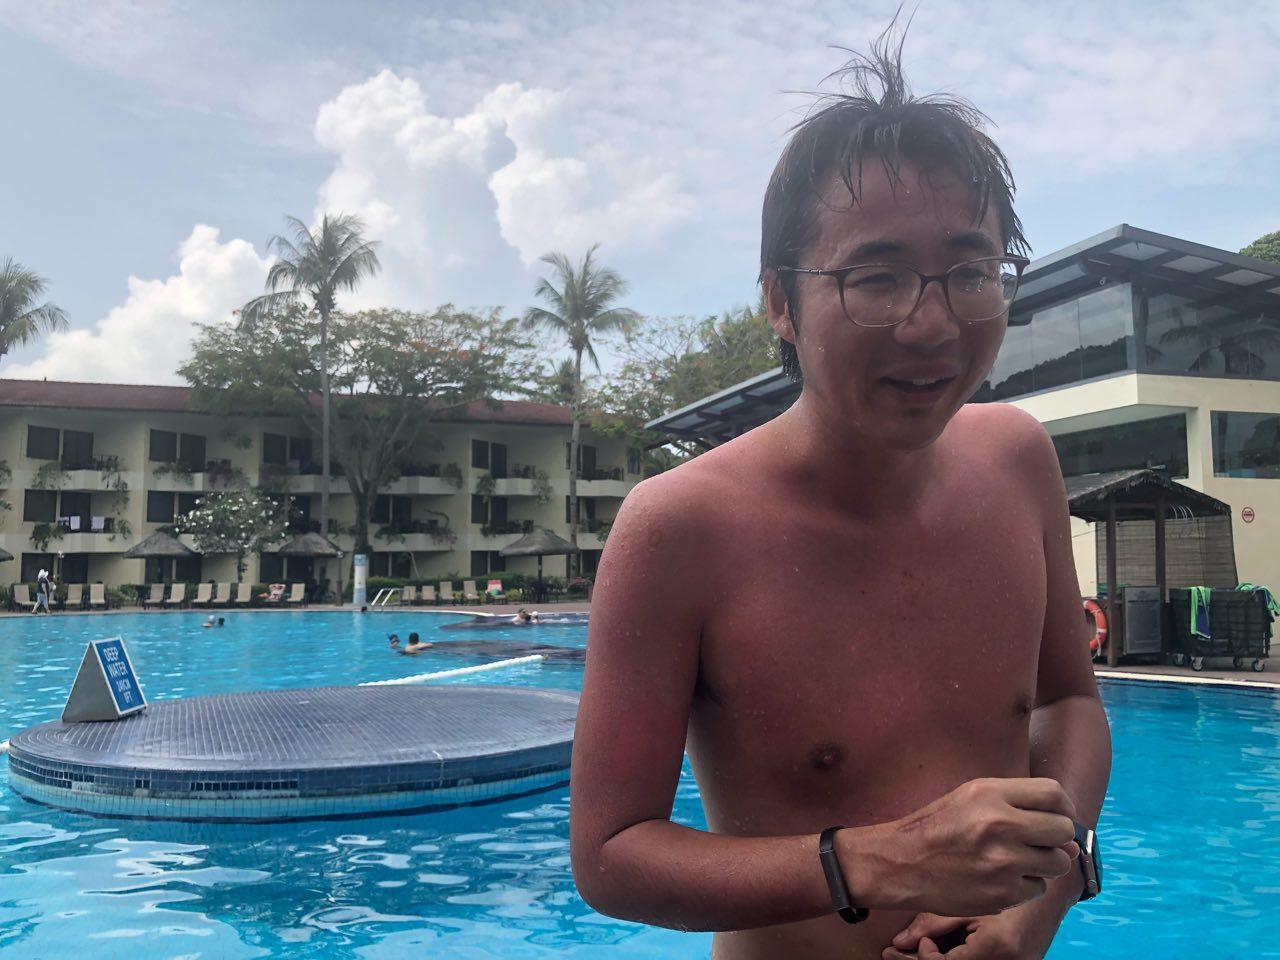 プールと男性